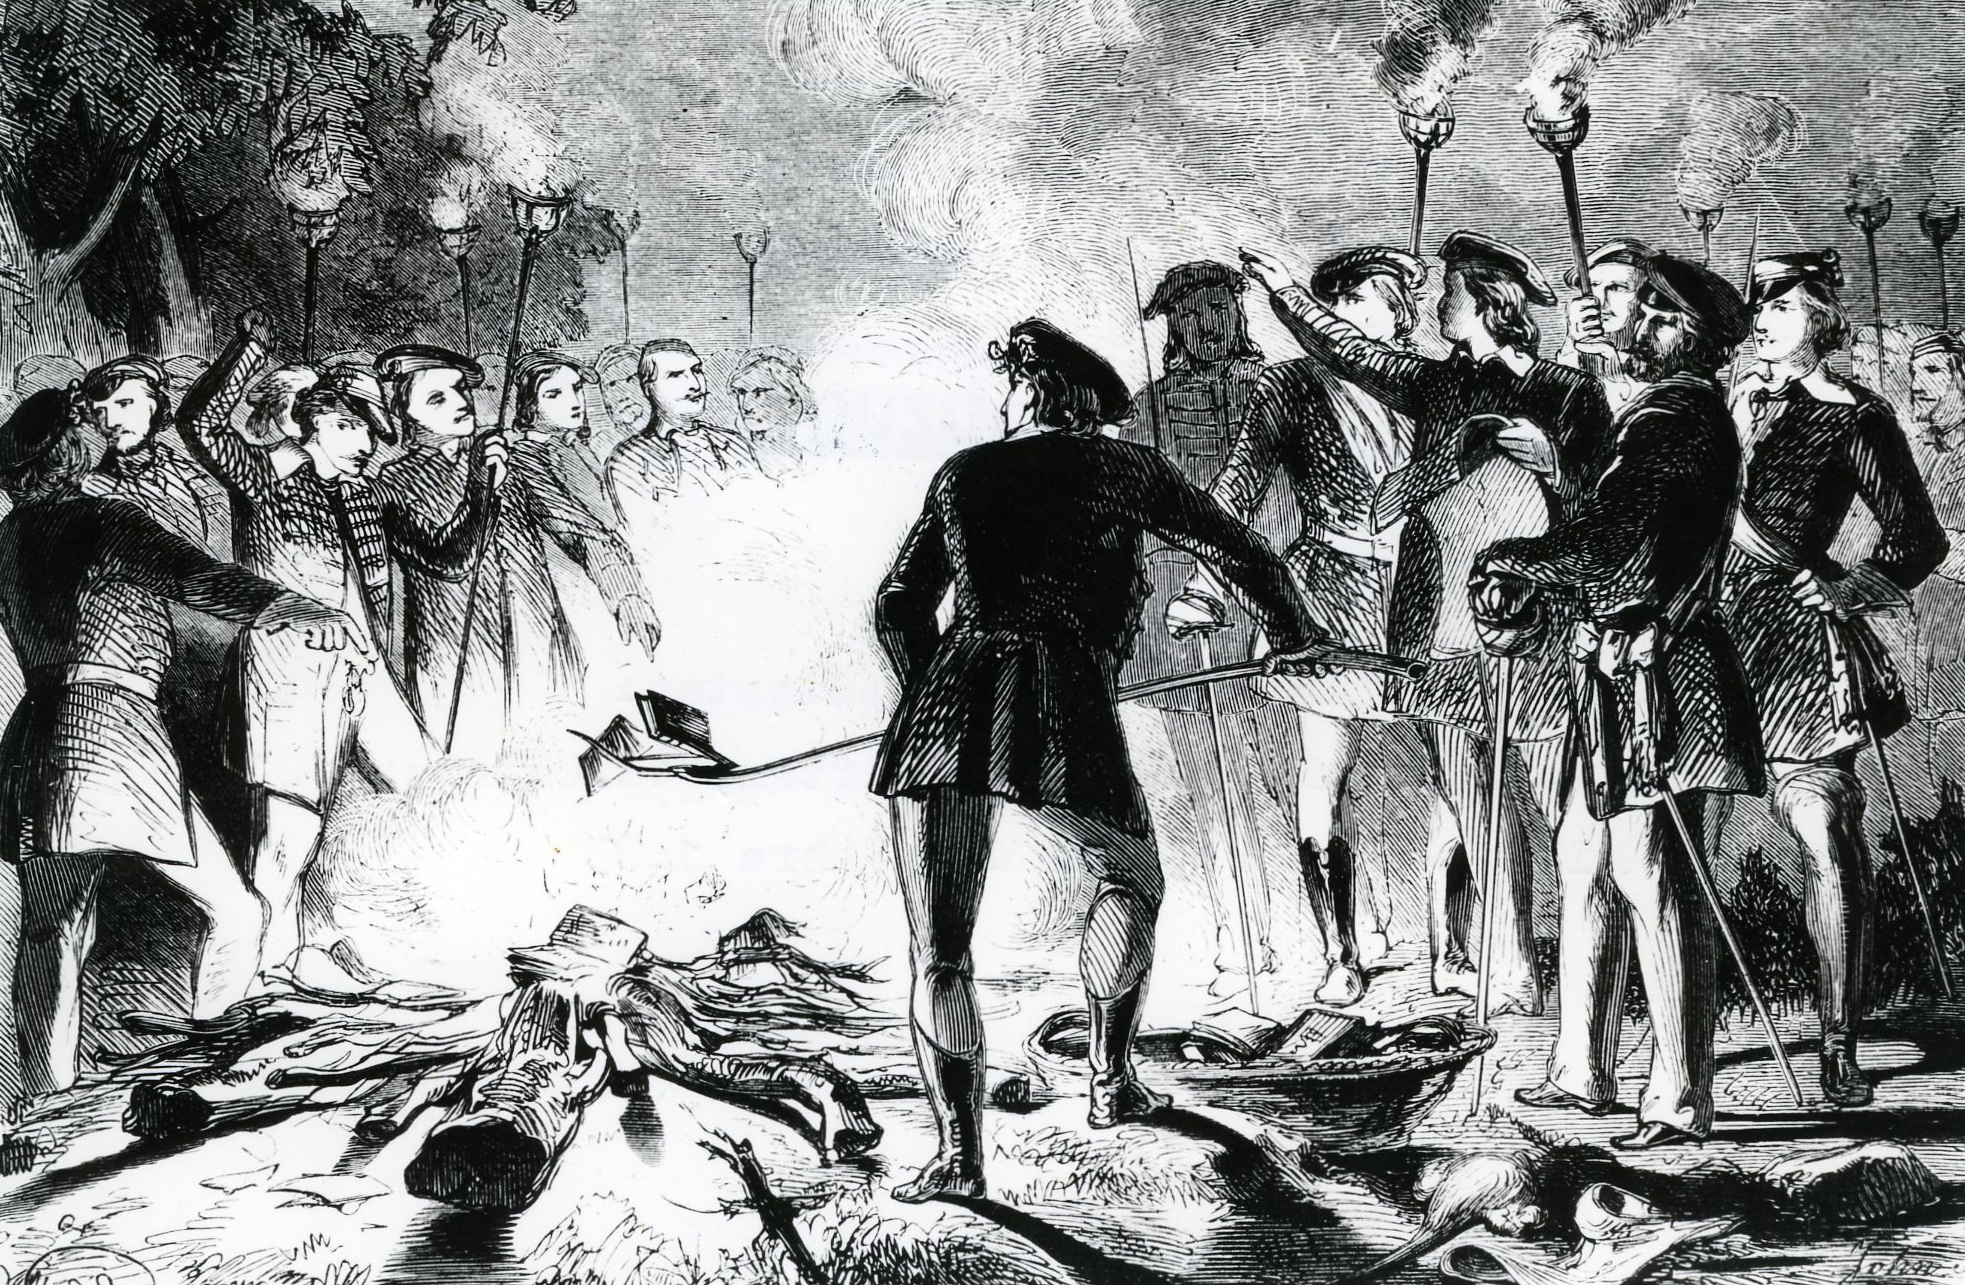 https://upload.wikimedia.org/wikipedia/de/d/d3/Verbrennung_reaktion%C3%A4rer_Schriften_auf_der_Wartburgfeier_am_18_Oktober_1817.jpeg